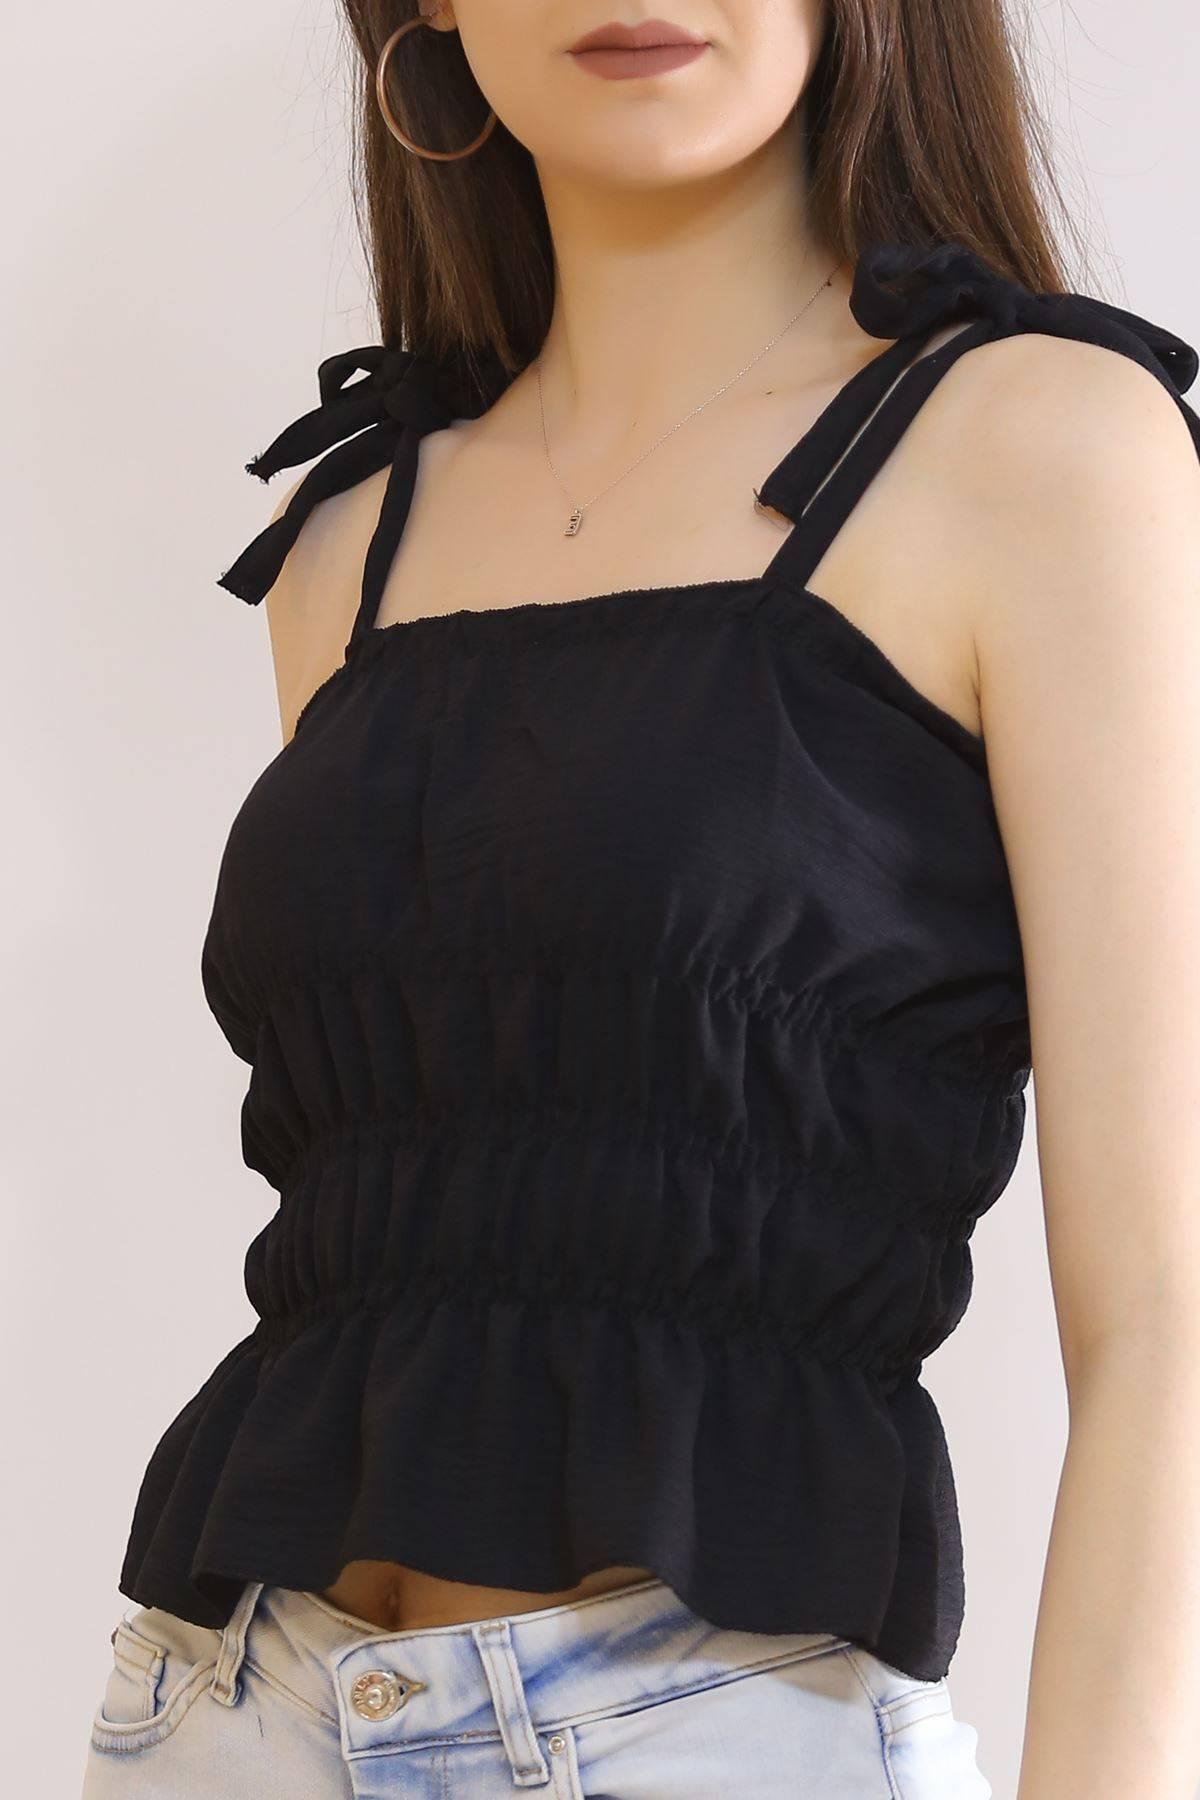 İp Askılı Gipeli Bluz Siyah - 7109.224.